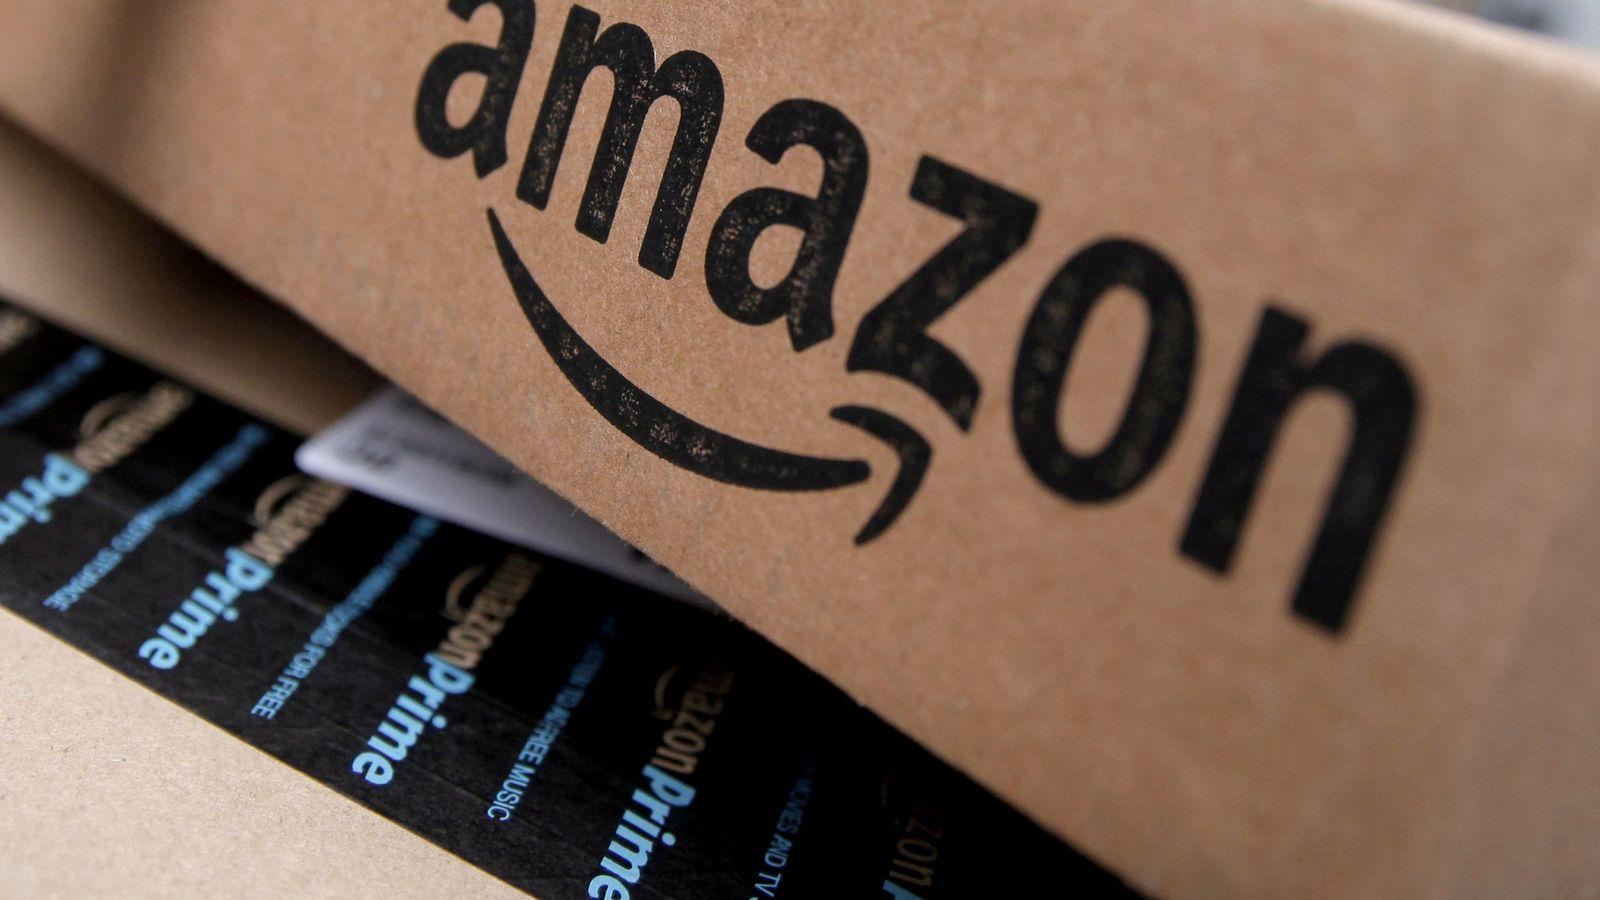 Foto: Paquete de Amazon Prime listo para envío. (Foto: Reuters)